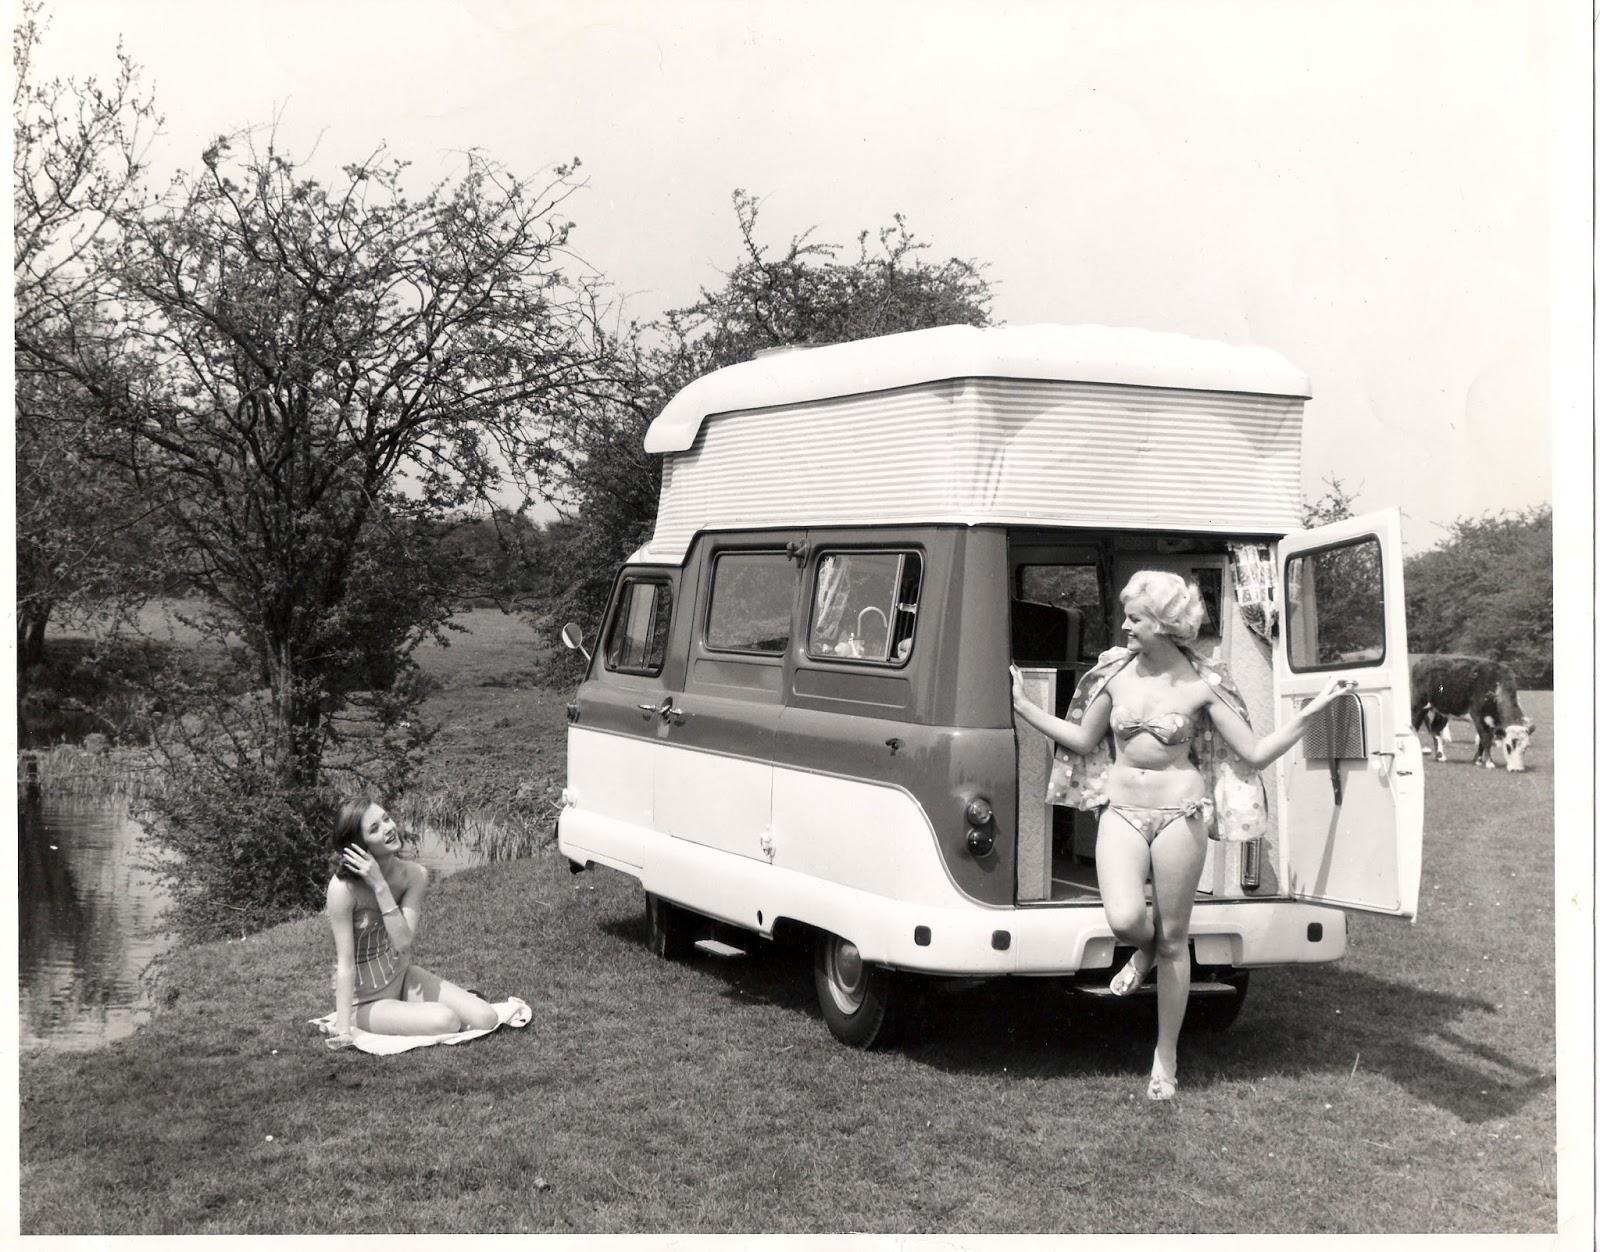 Motorhome, Camper, RV